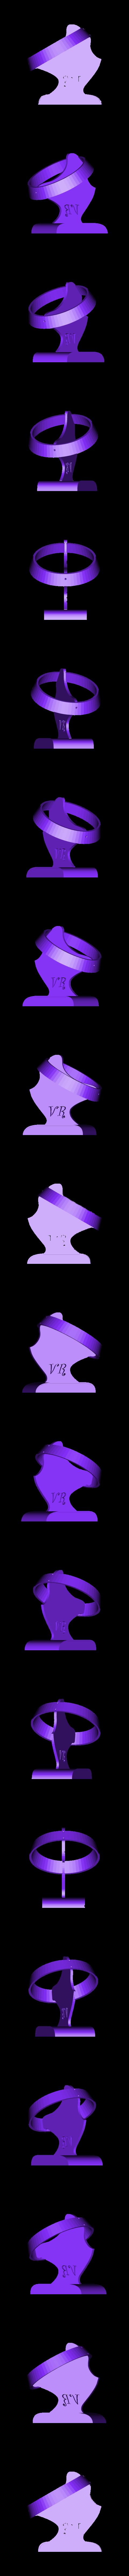 Support.STL Download STL file VR Helmet • 3D printing design, Chris48